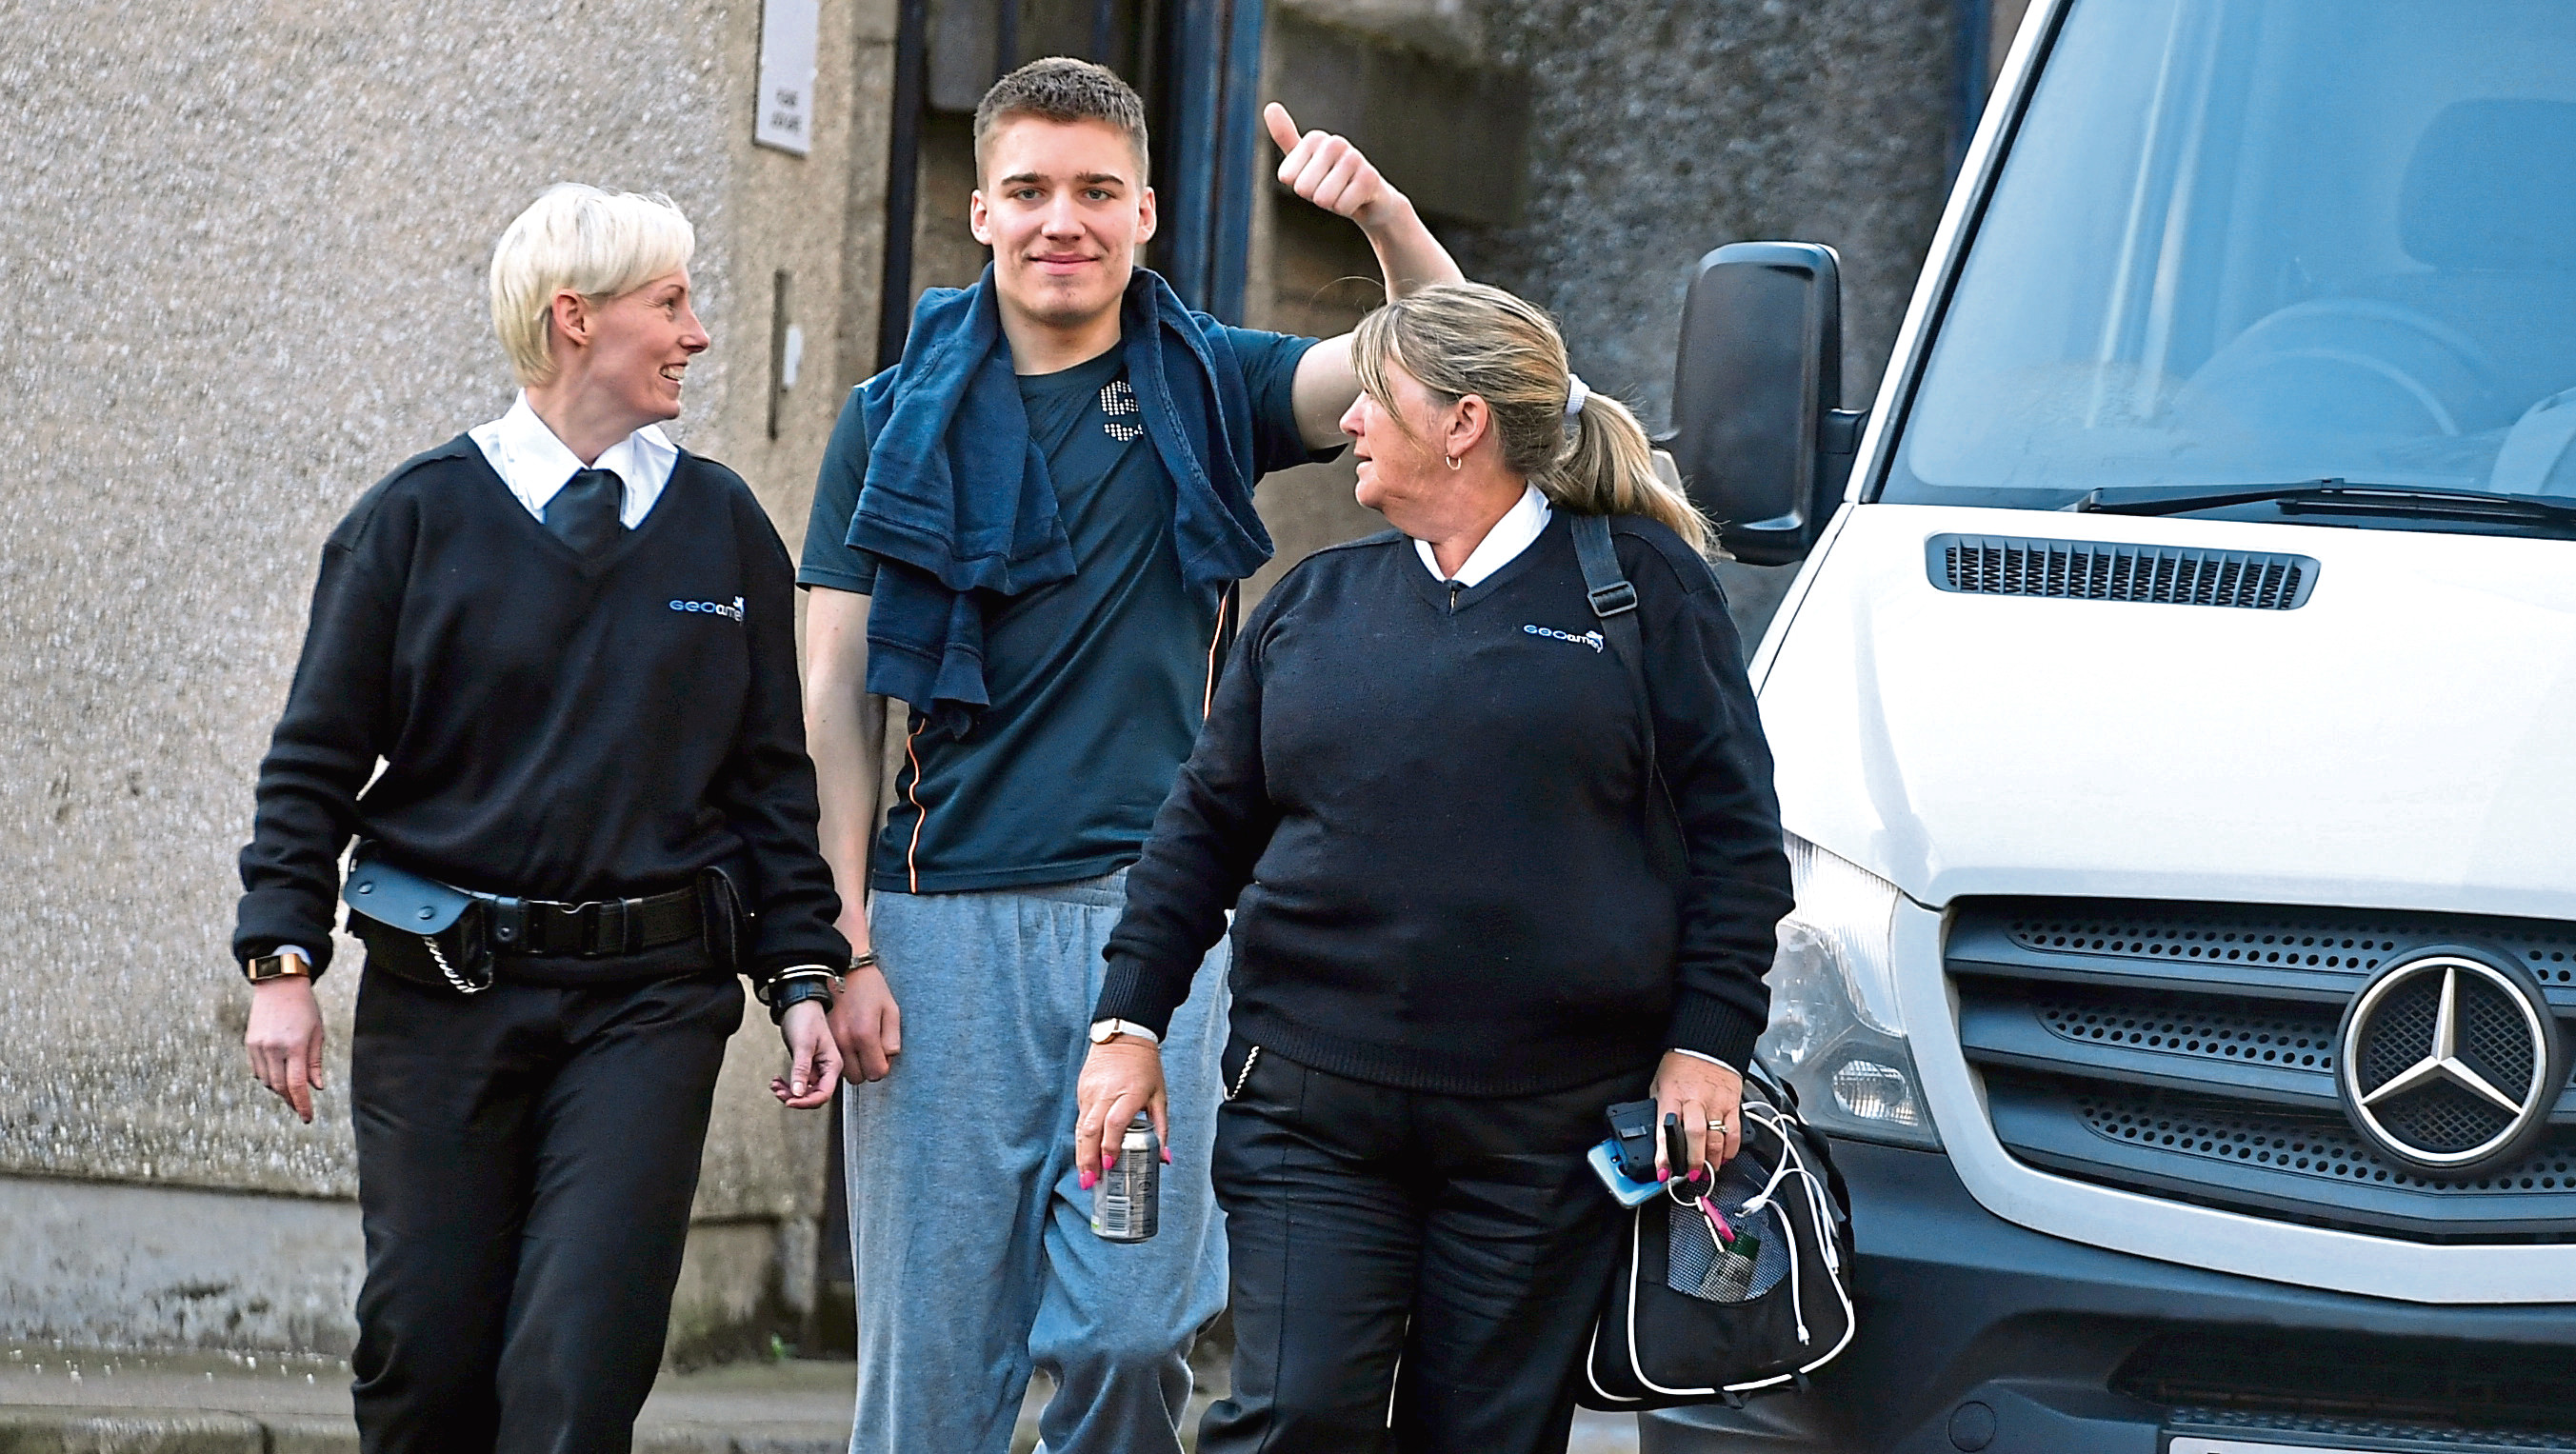 Maciej Adamski pled guilty to the two assaults.